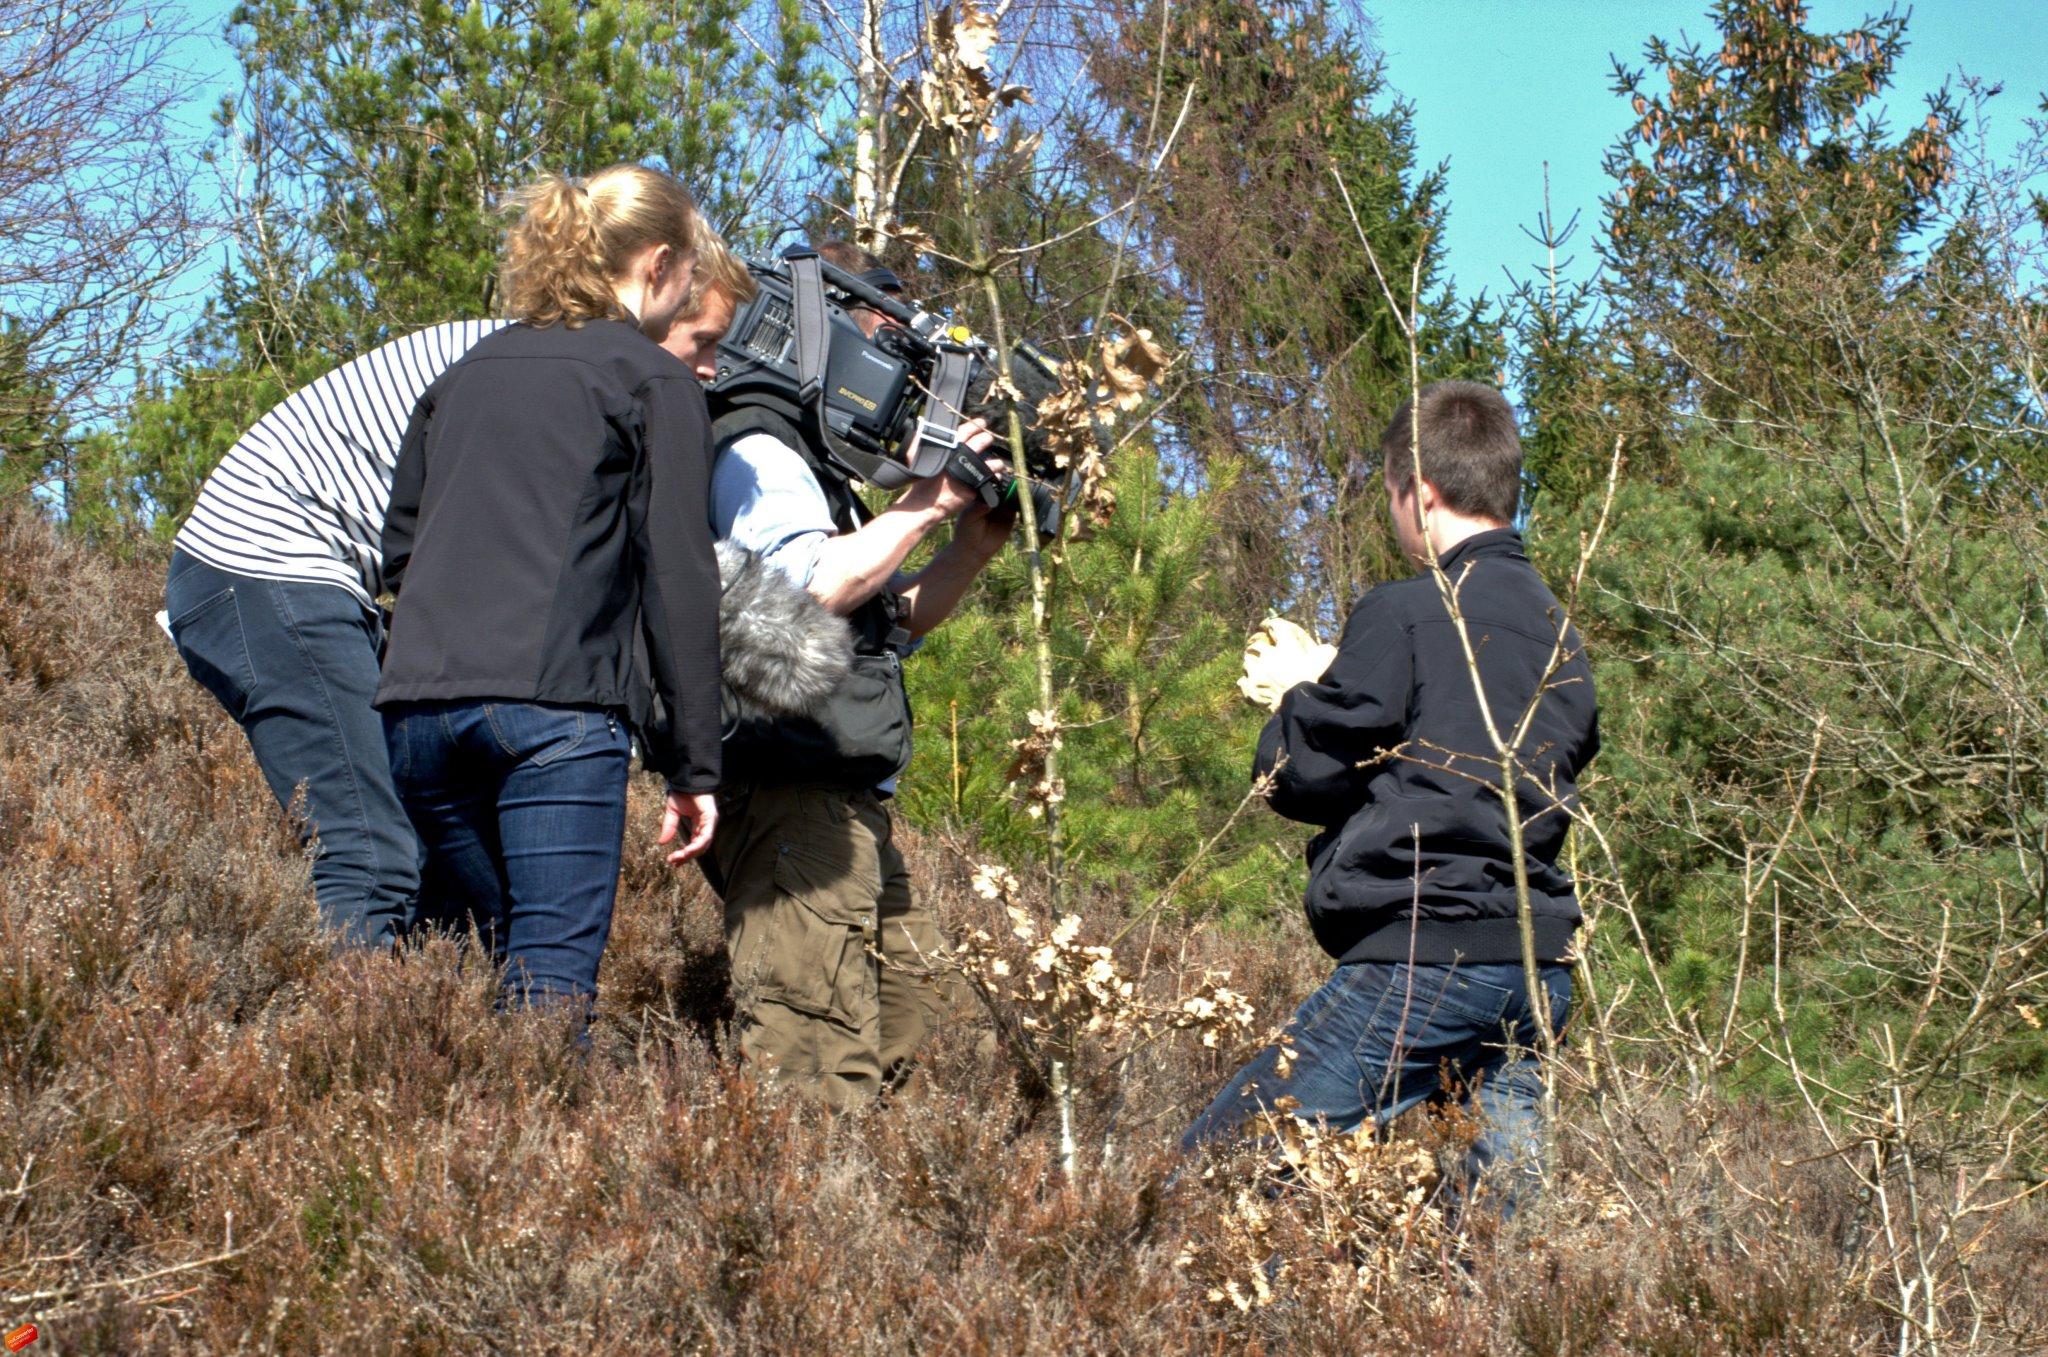 Her indgår jeg i et interview omkring de tidligt aktive krybdyr i foråret 2012 (foretaget af TV2 Nyhederne)